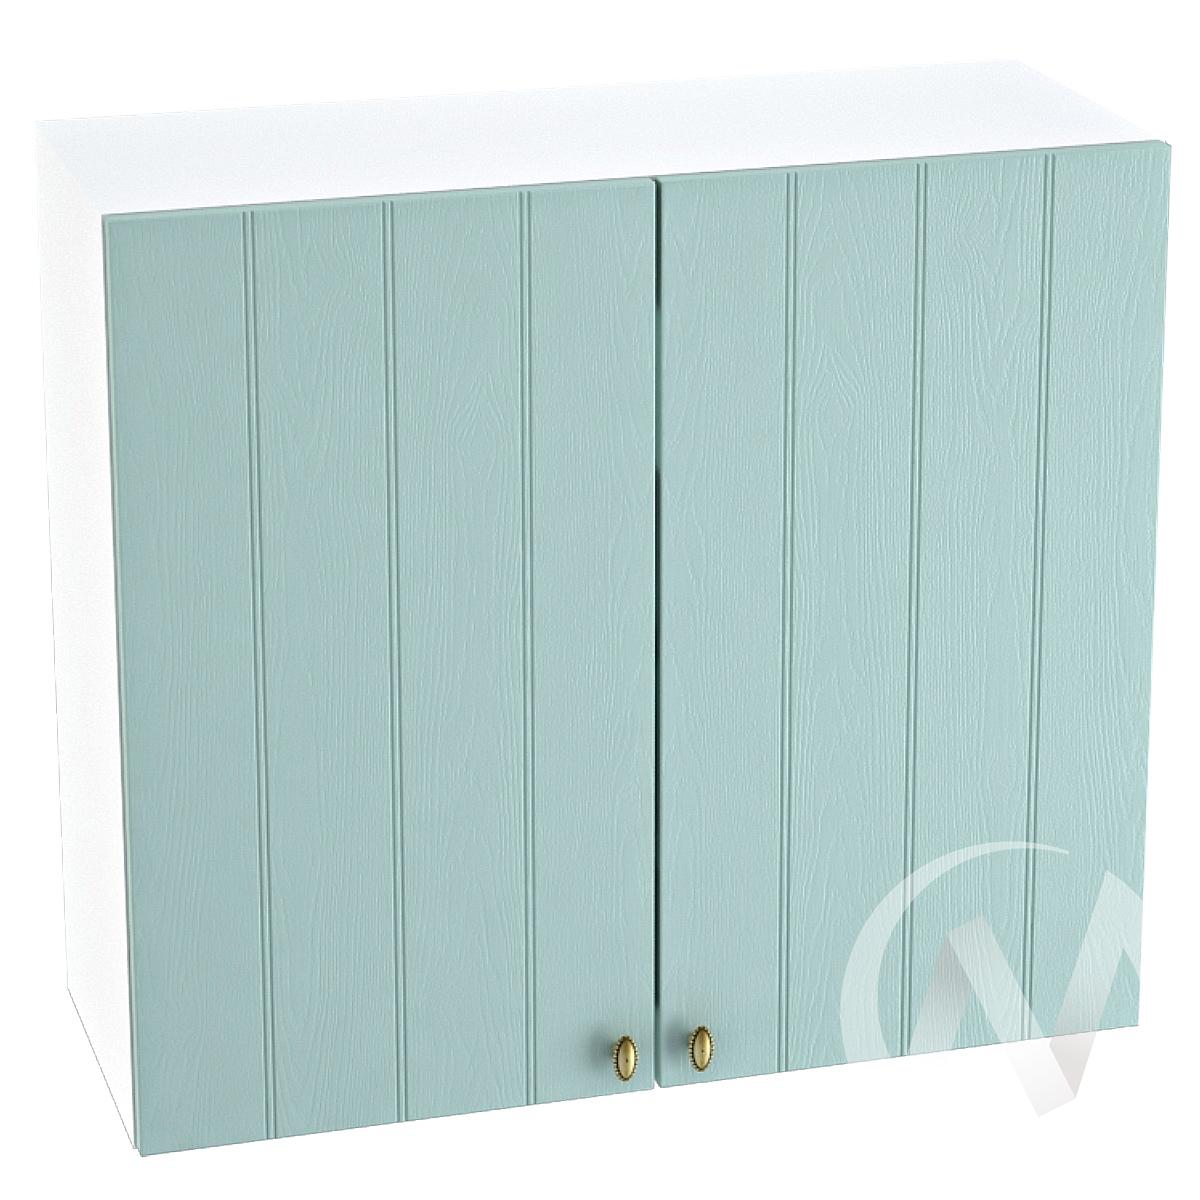 """Кухня """"Прованс"""": Шкаф верхний 800, ШВ 800 новый (голубой/корпус белый)"""